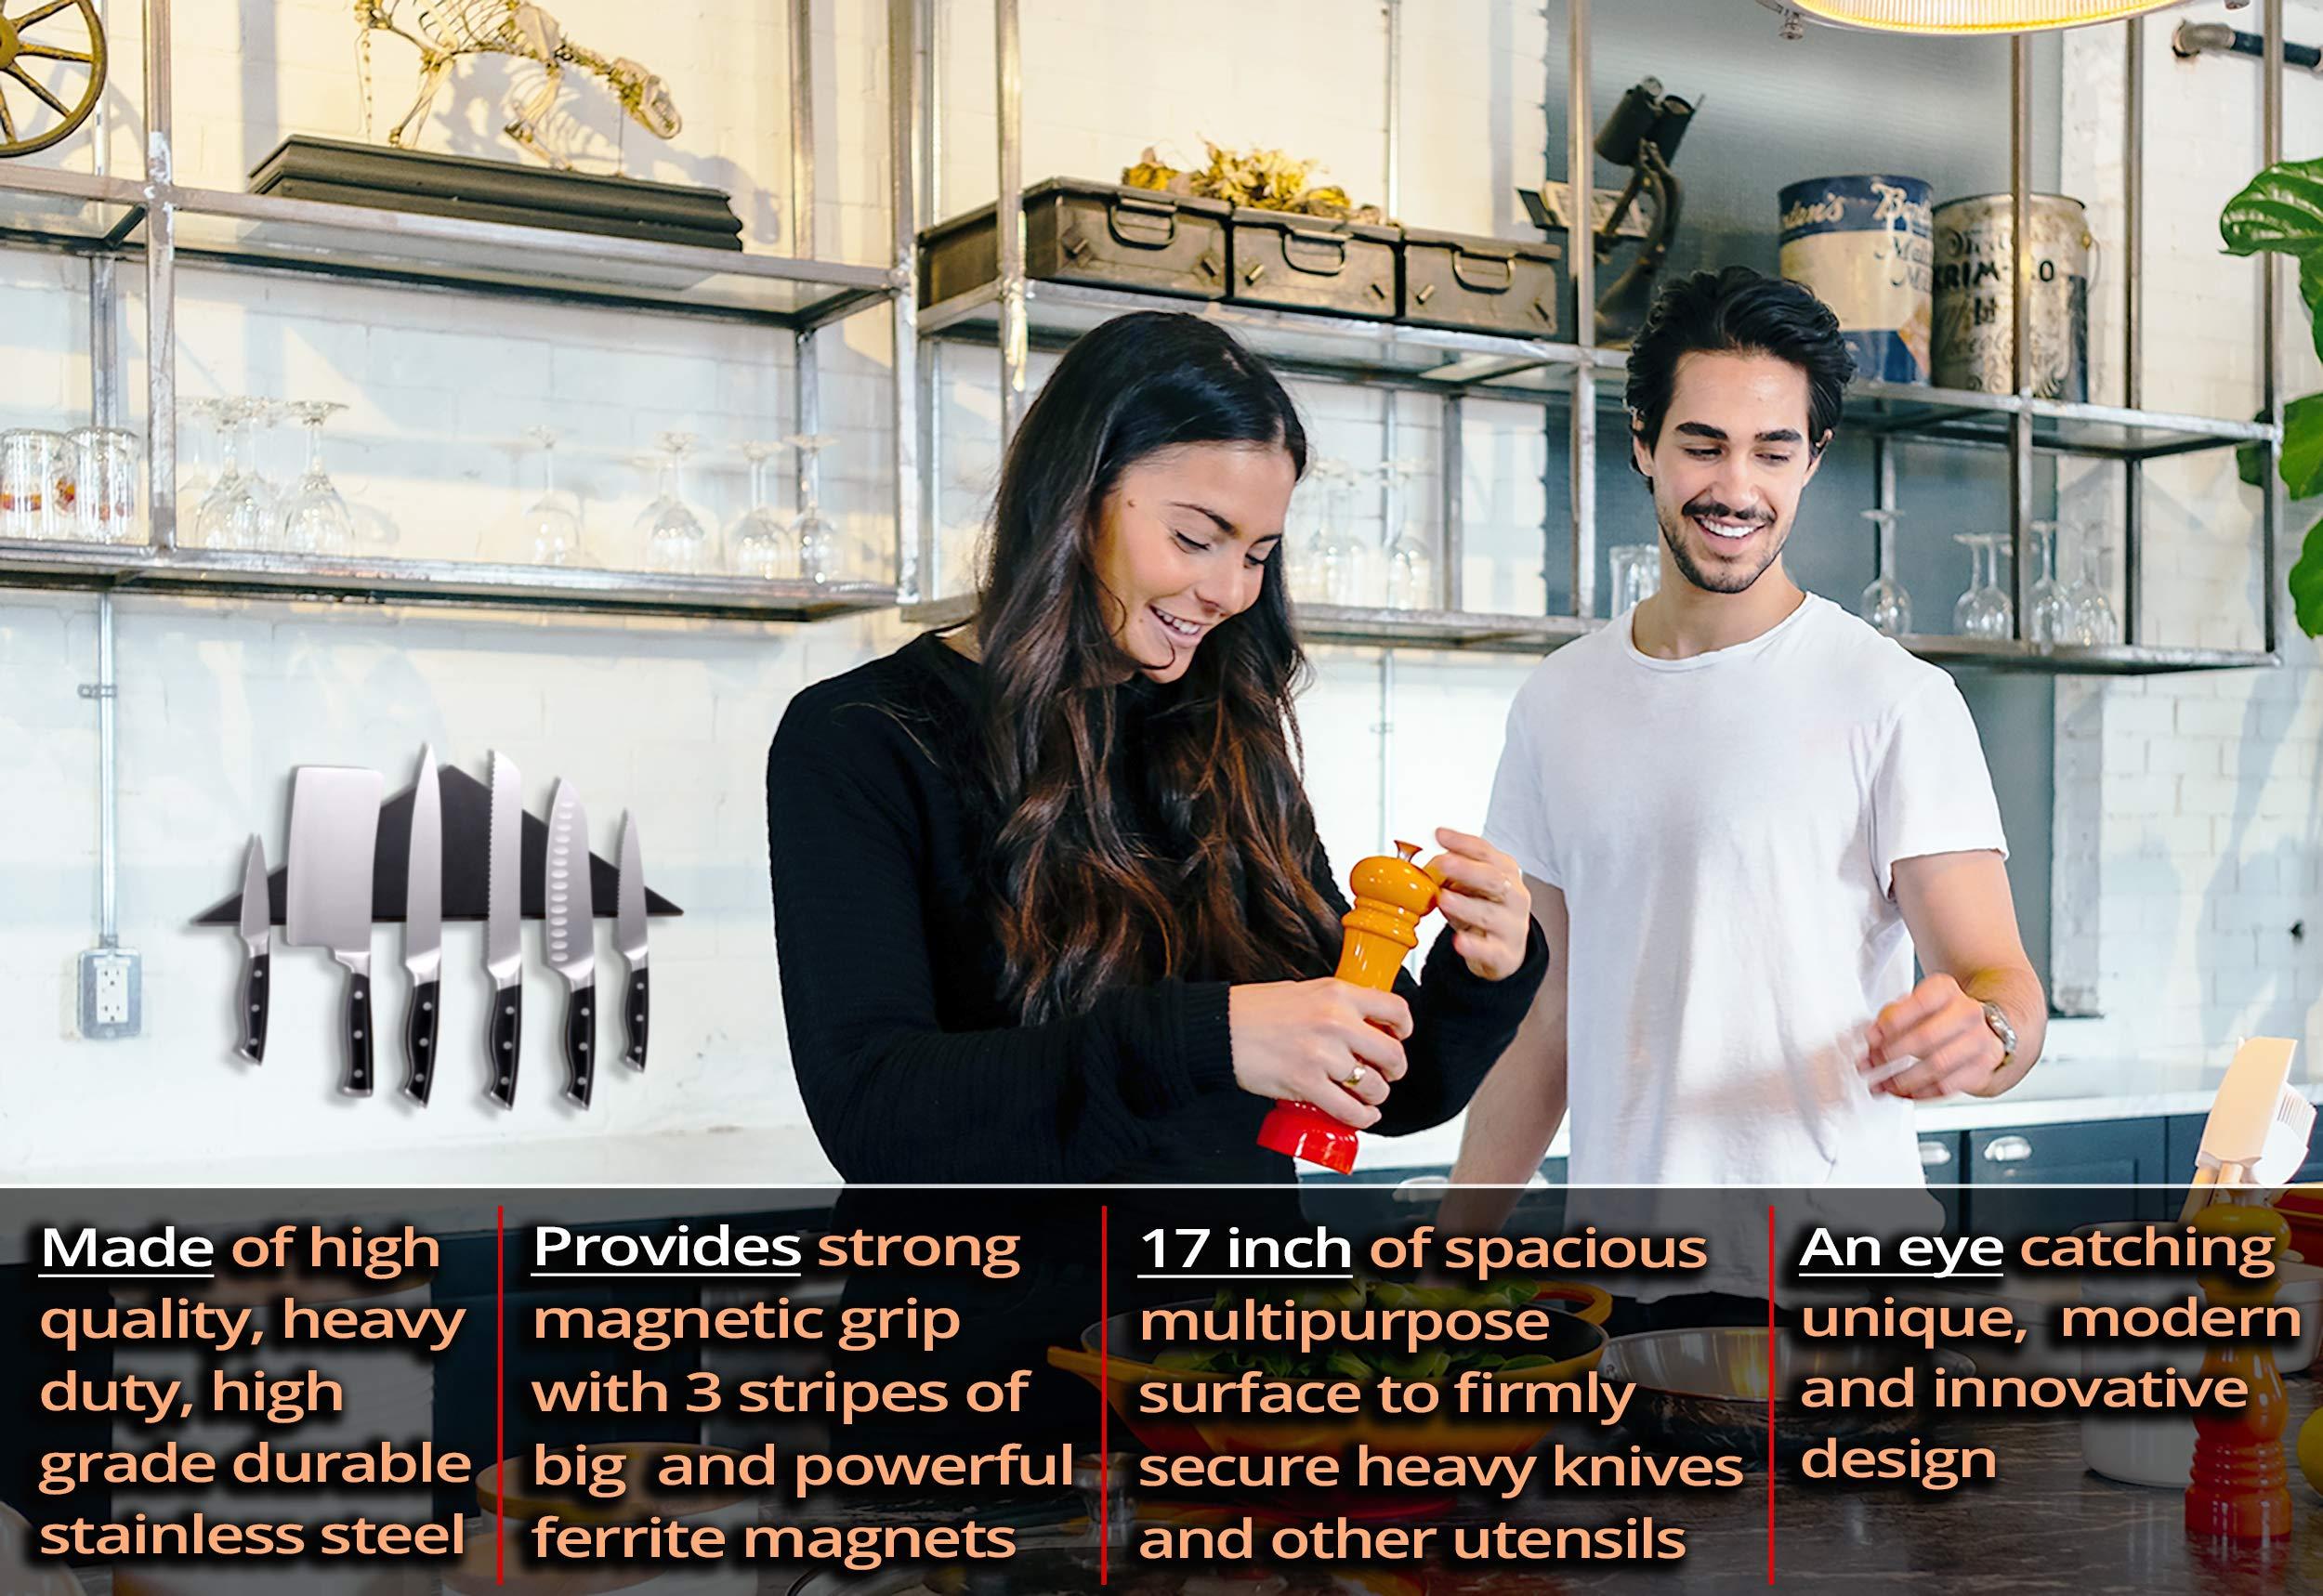 Agadda Premium Designer Stainless Steel Magnetic Knife Holder - Professional Magnetic Knife Strip/Knife Bar/Knife Rack - 17 inch (Black) by Agadda (Image #2)